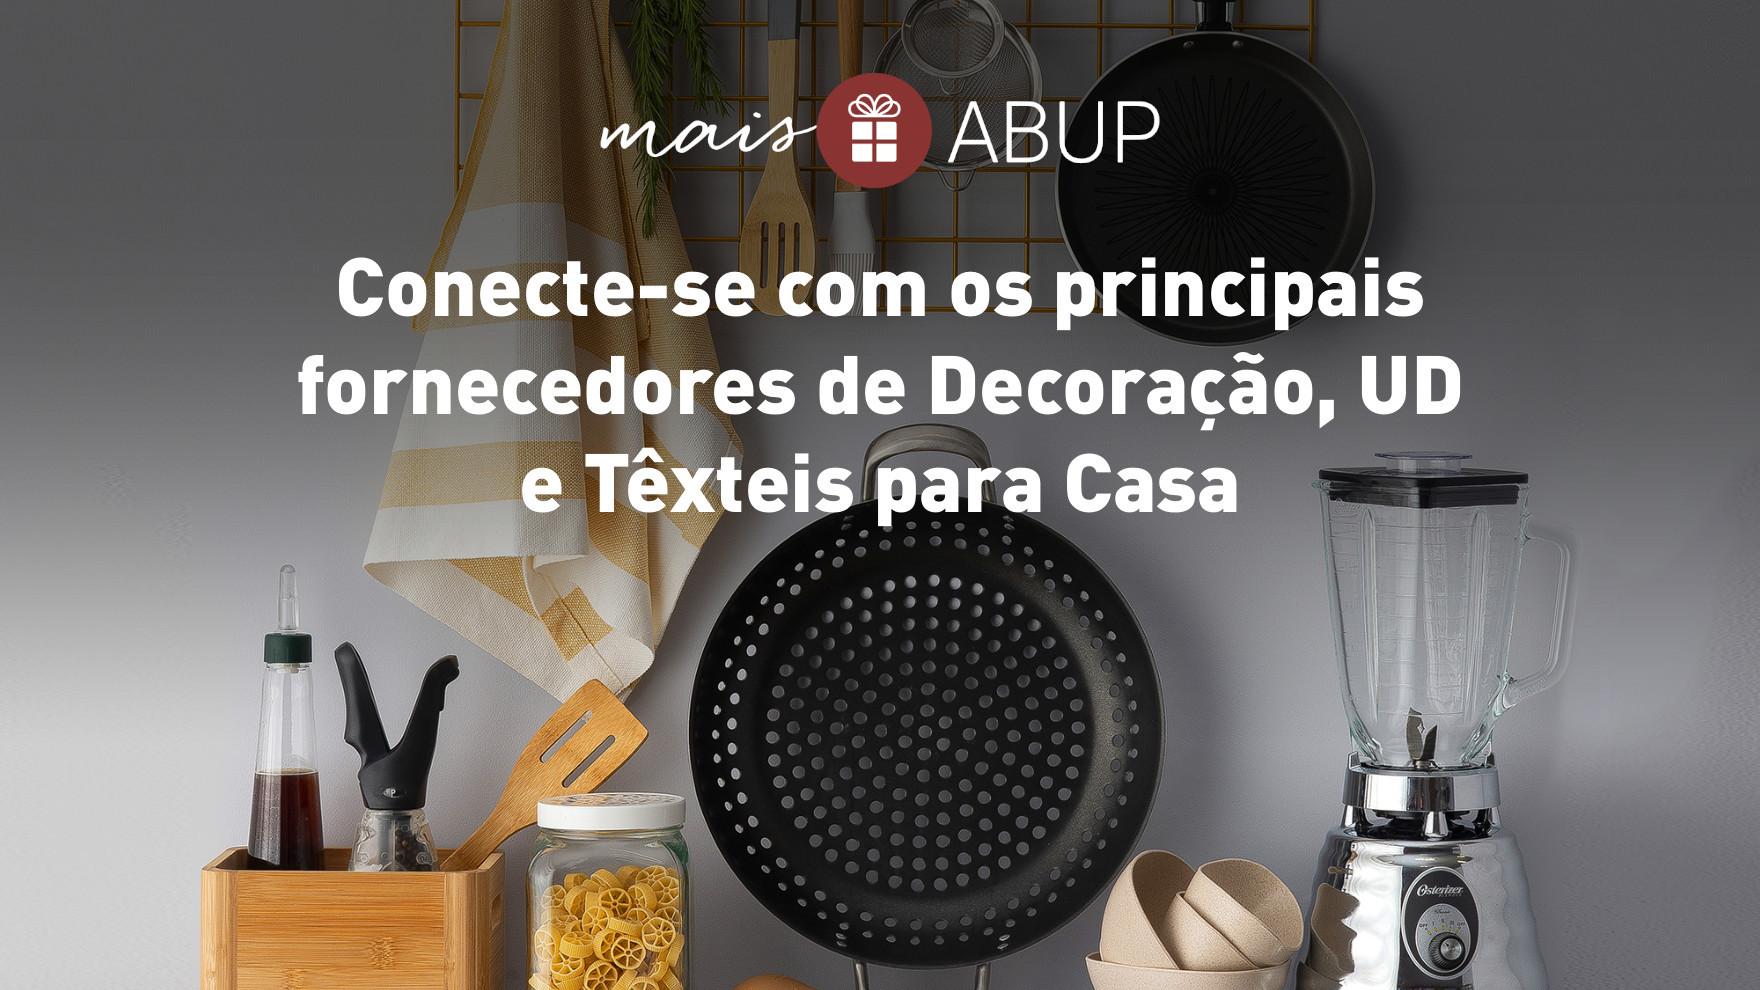 Conecte-se com os principais fornecedores de Decoração, UD e Têxteis para Casa